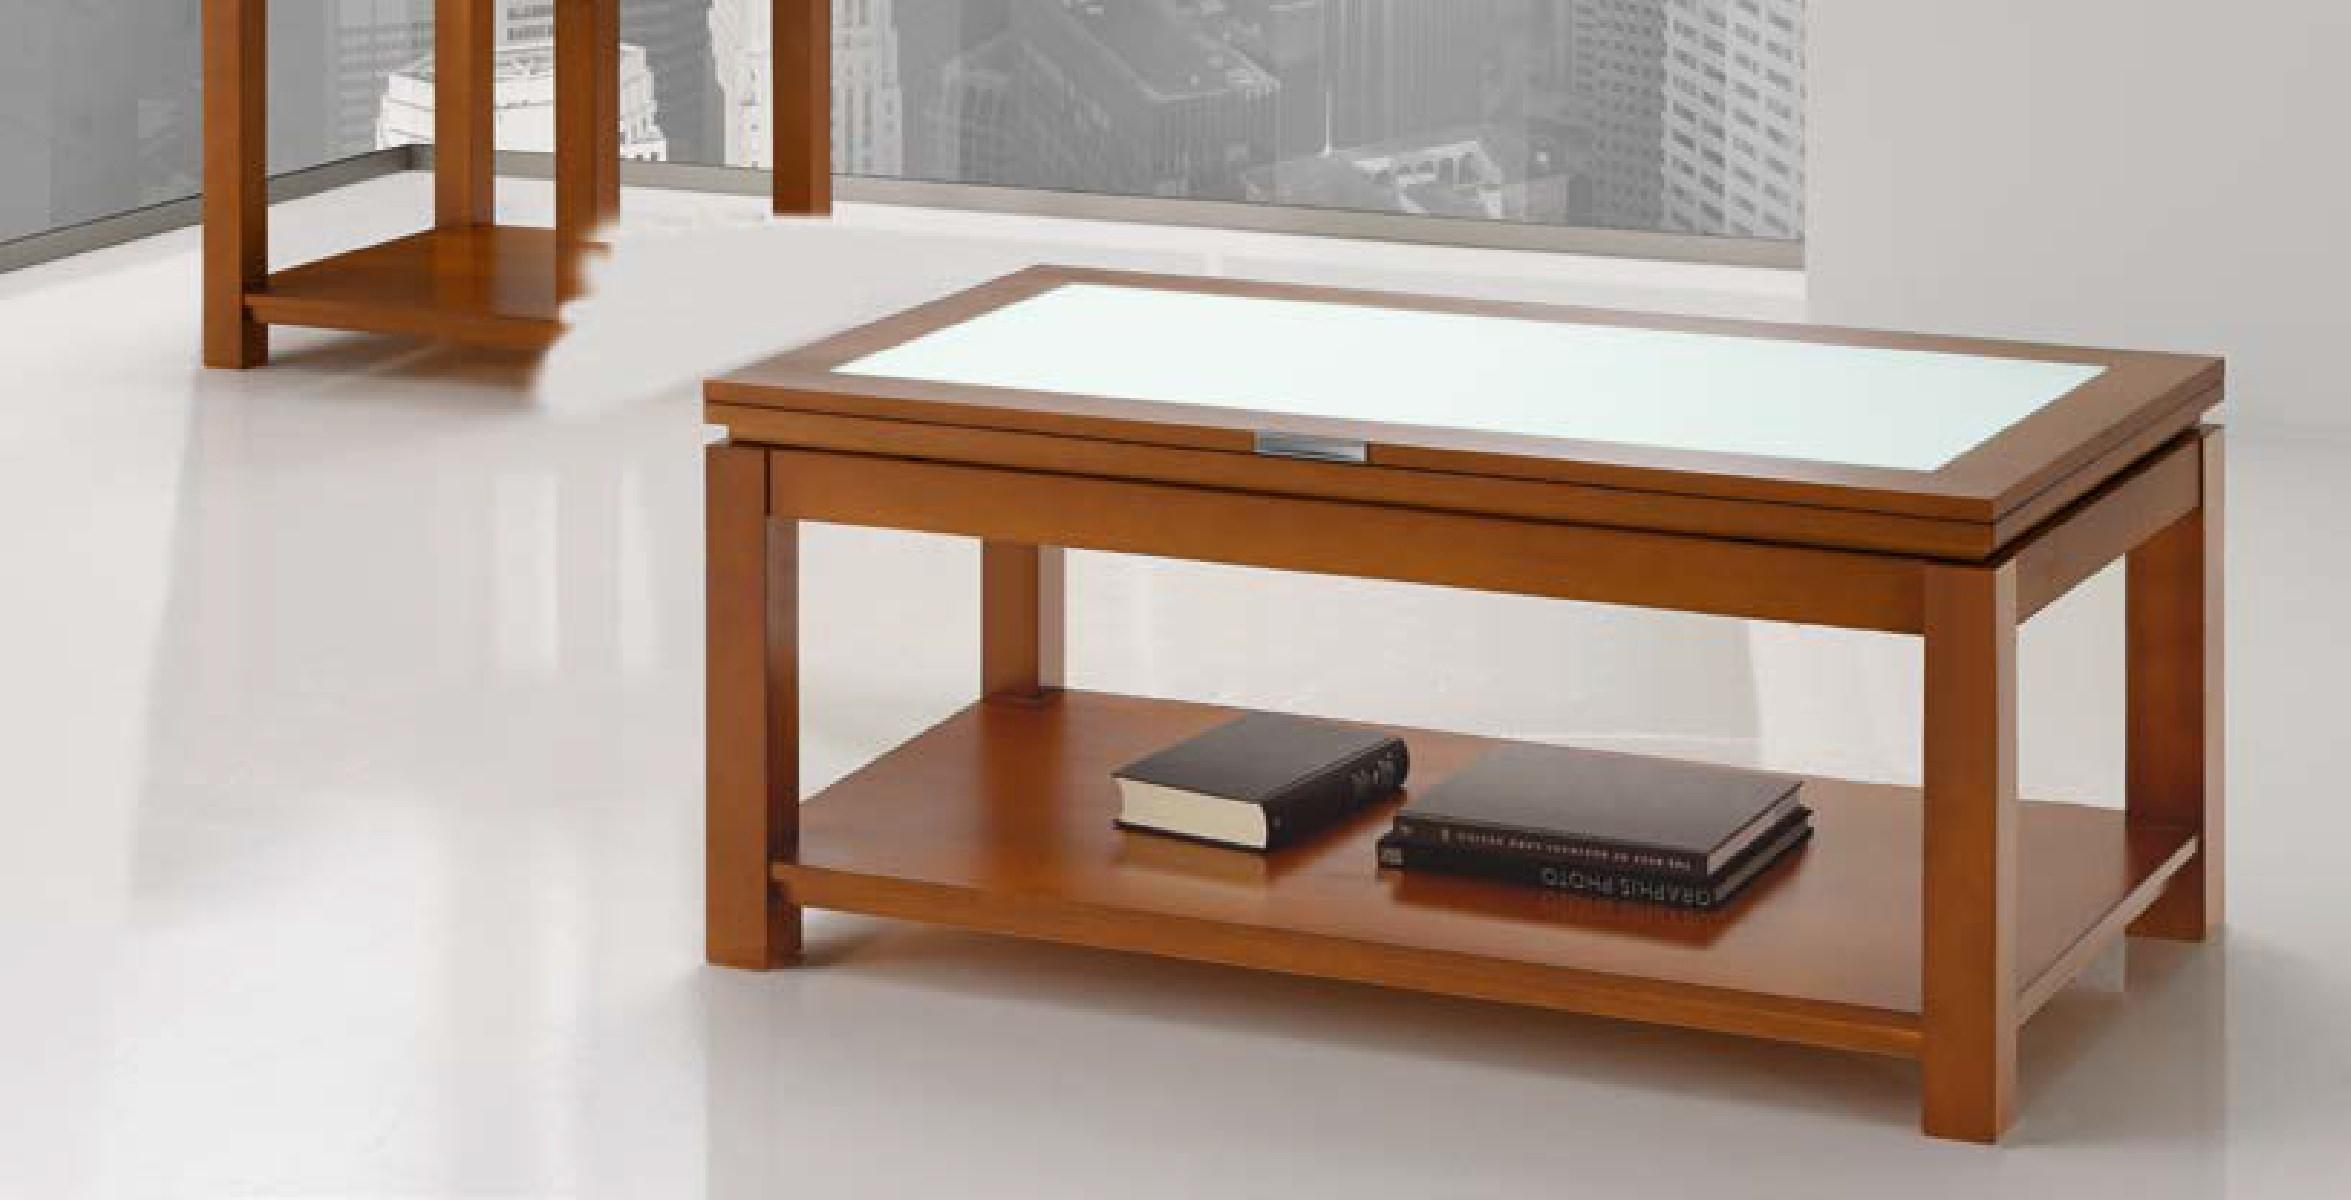 Журнальный стол трансформер 51 Disemobel